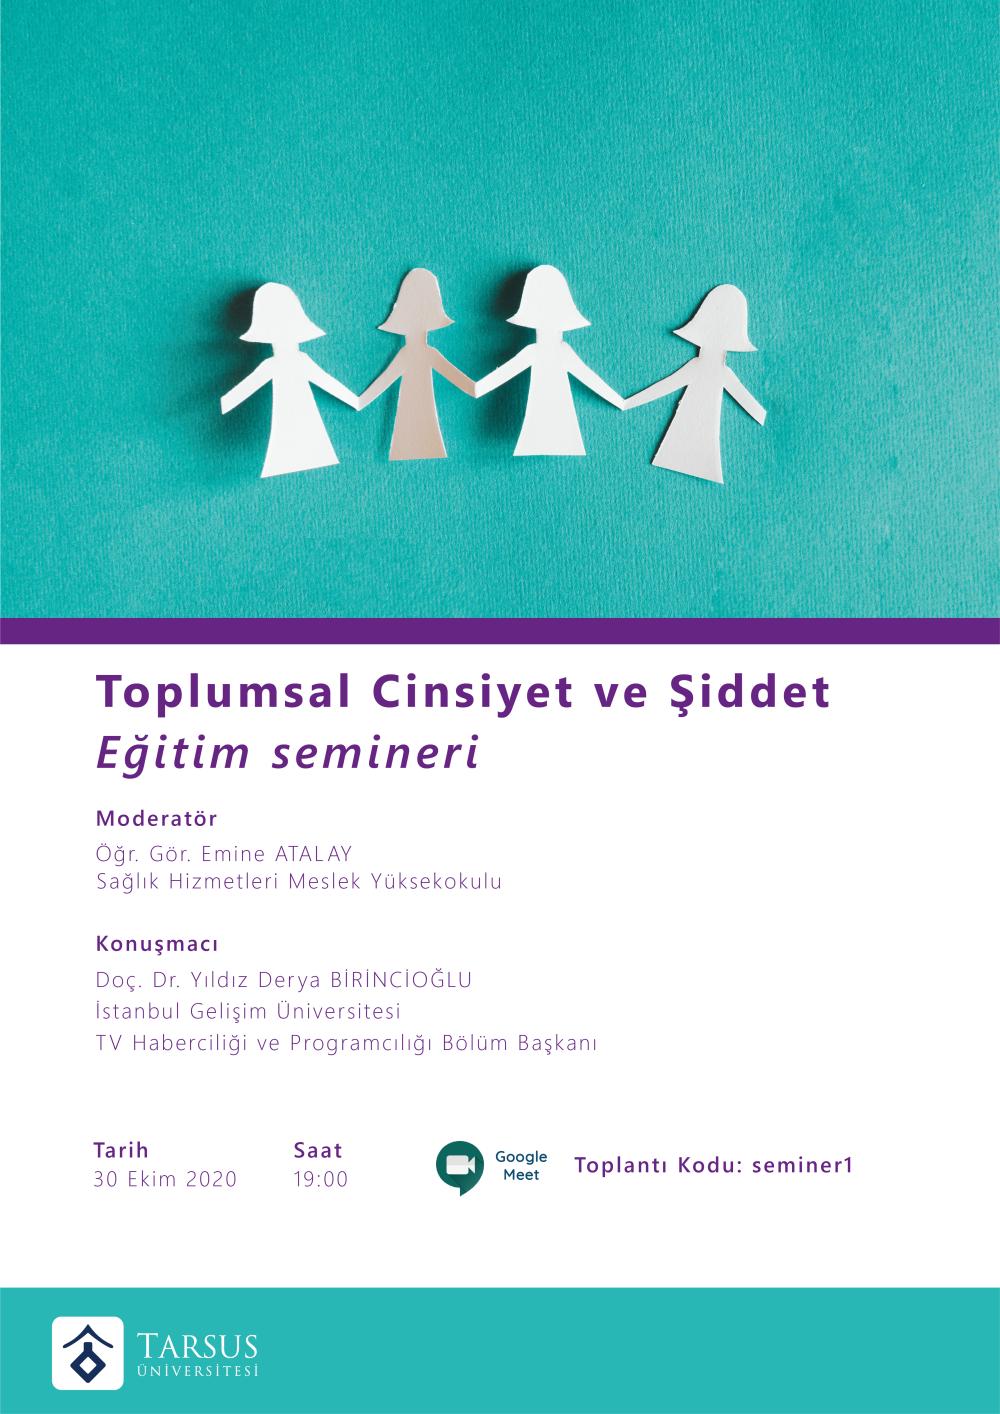 Toplumsal Cinsiyet ve Şiddet Eğitim Semineri